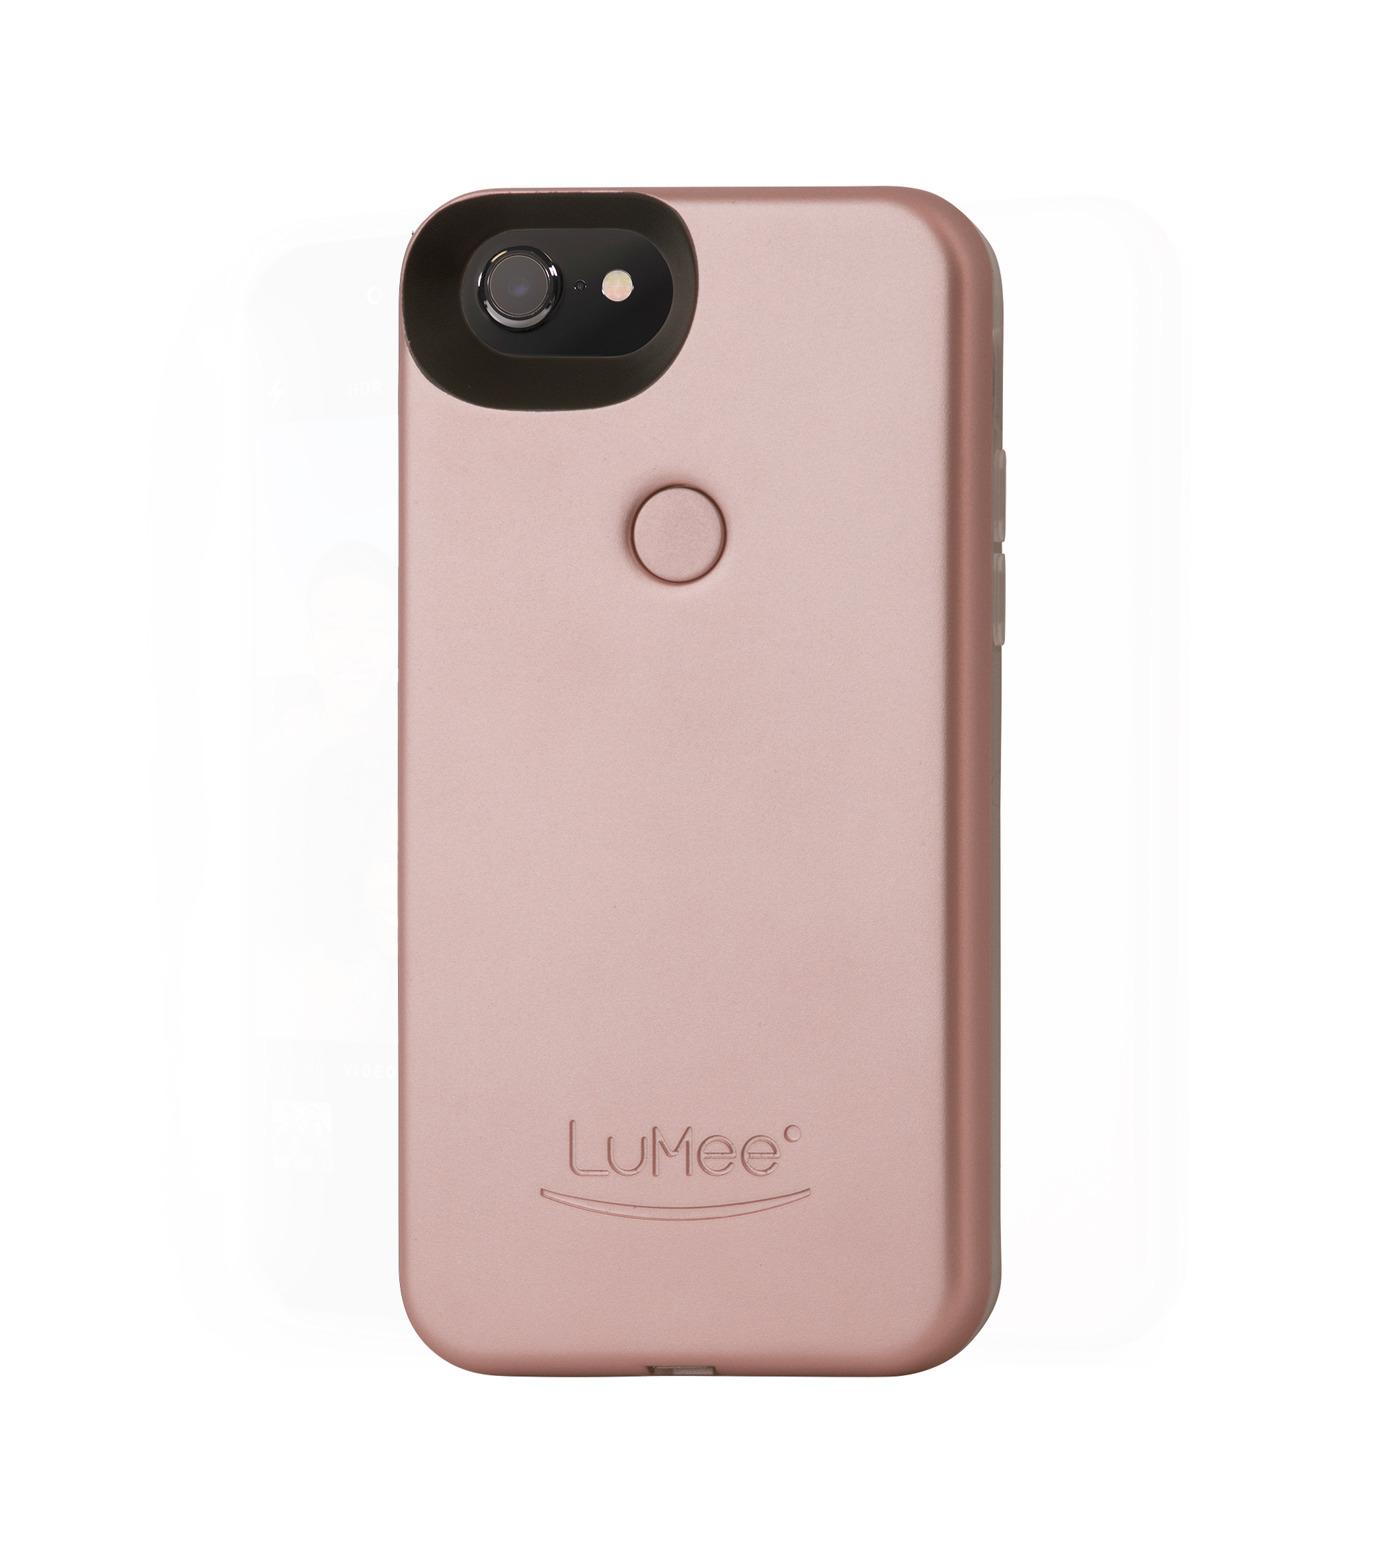 LuMee(ルーミー)のLuMee two iPhone 6/6s/7 -Rose Matte-ROSE(ケースiphone7/7plus/case iphone7/7plus)-L2-IP7-ROSEM-75 拡大詳細画像2